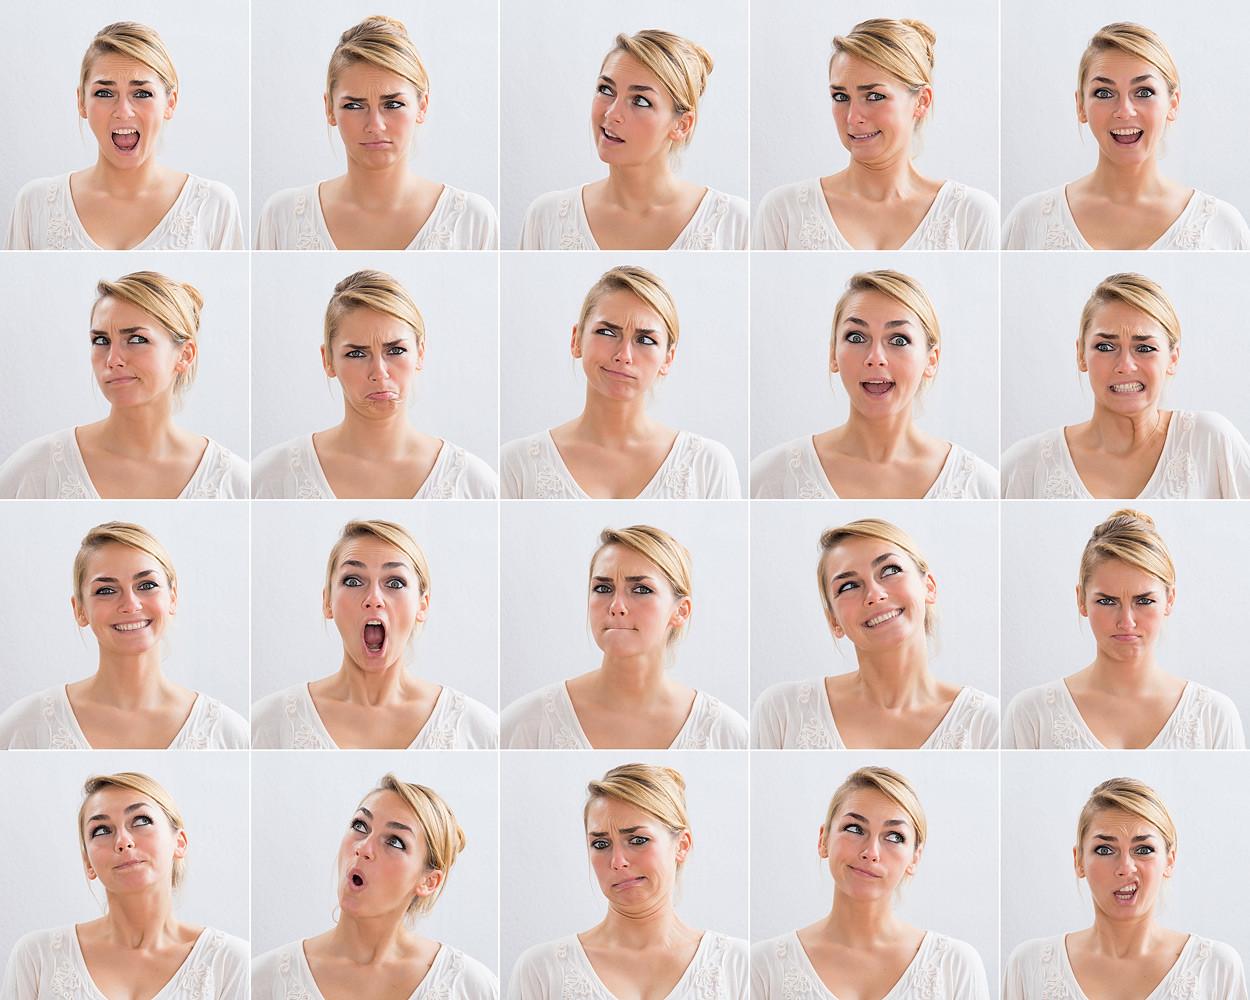 Стресс изменяет выражение лица, походку и даже голос: что с этим делать